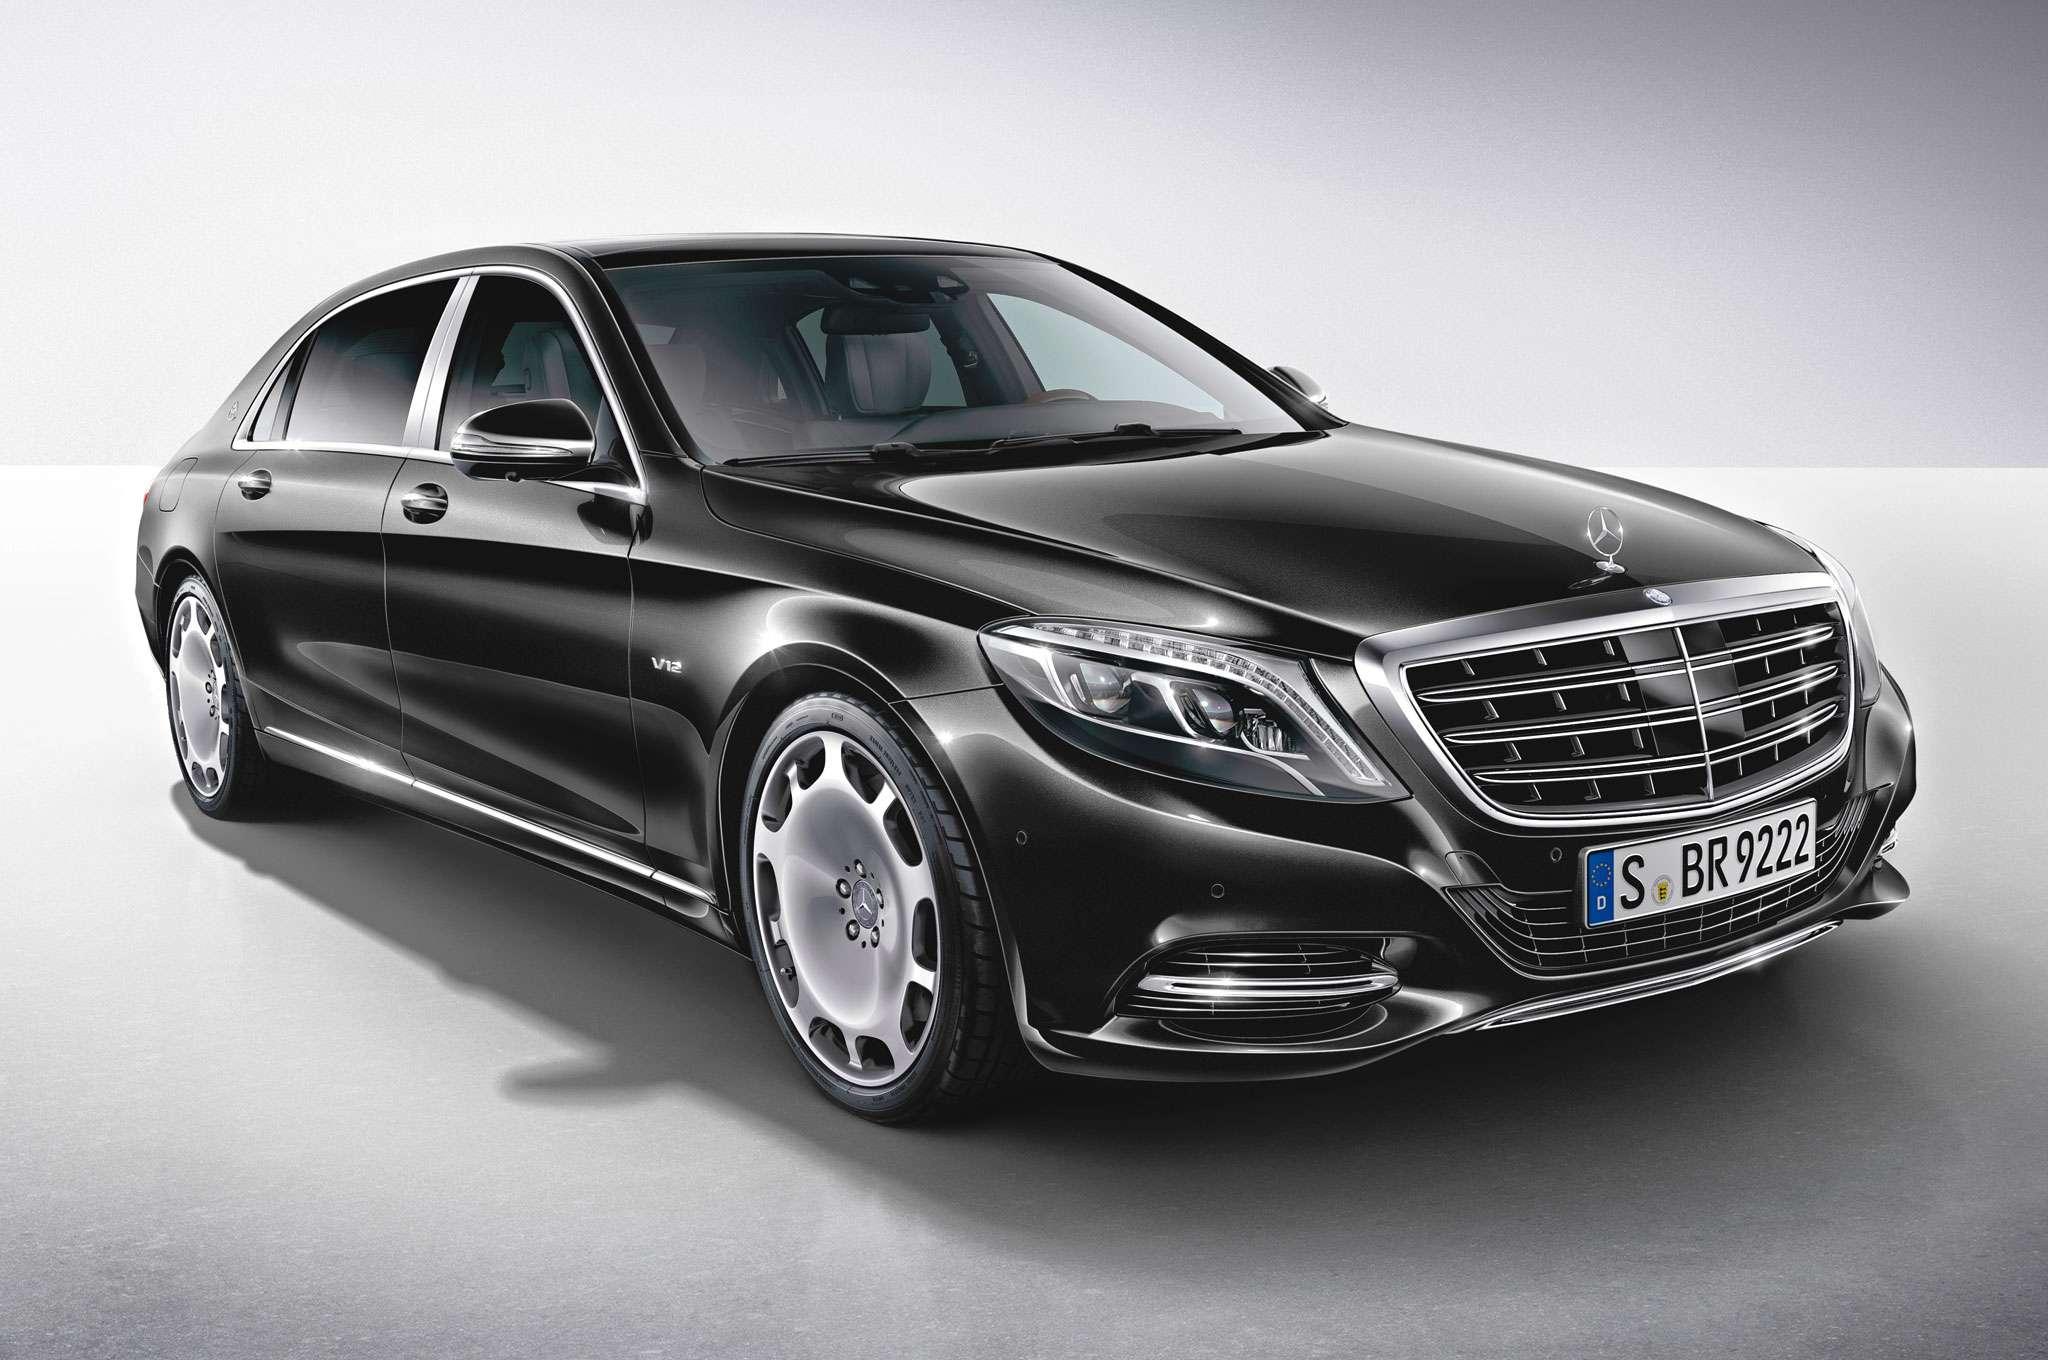 Продажи машин Luxury-сегмента всередине зимы 2017 снизились на13%